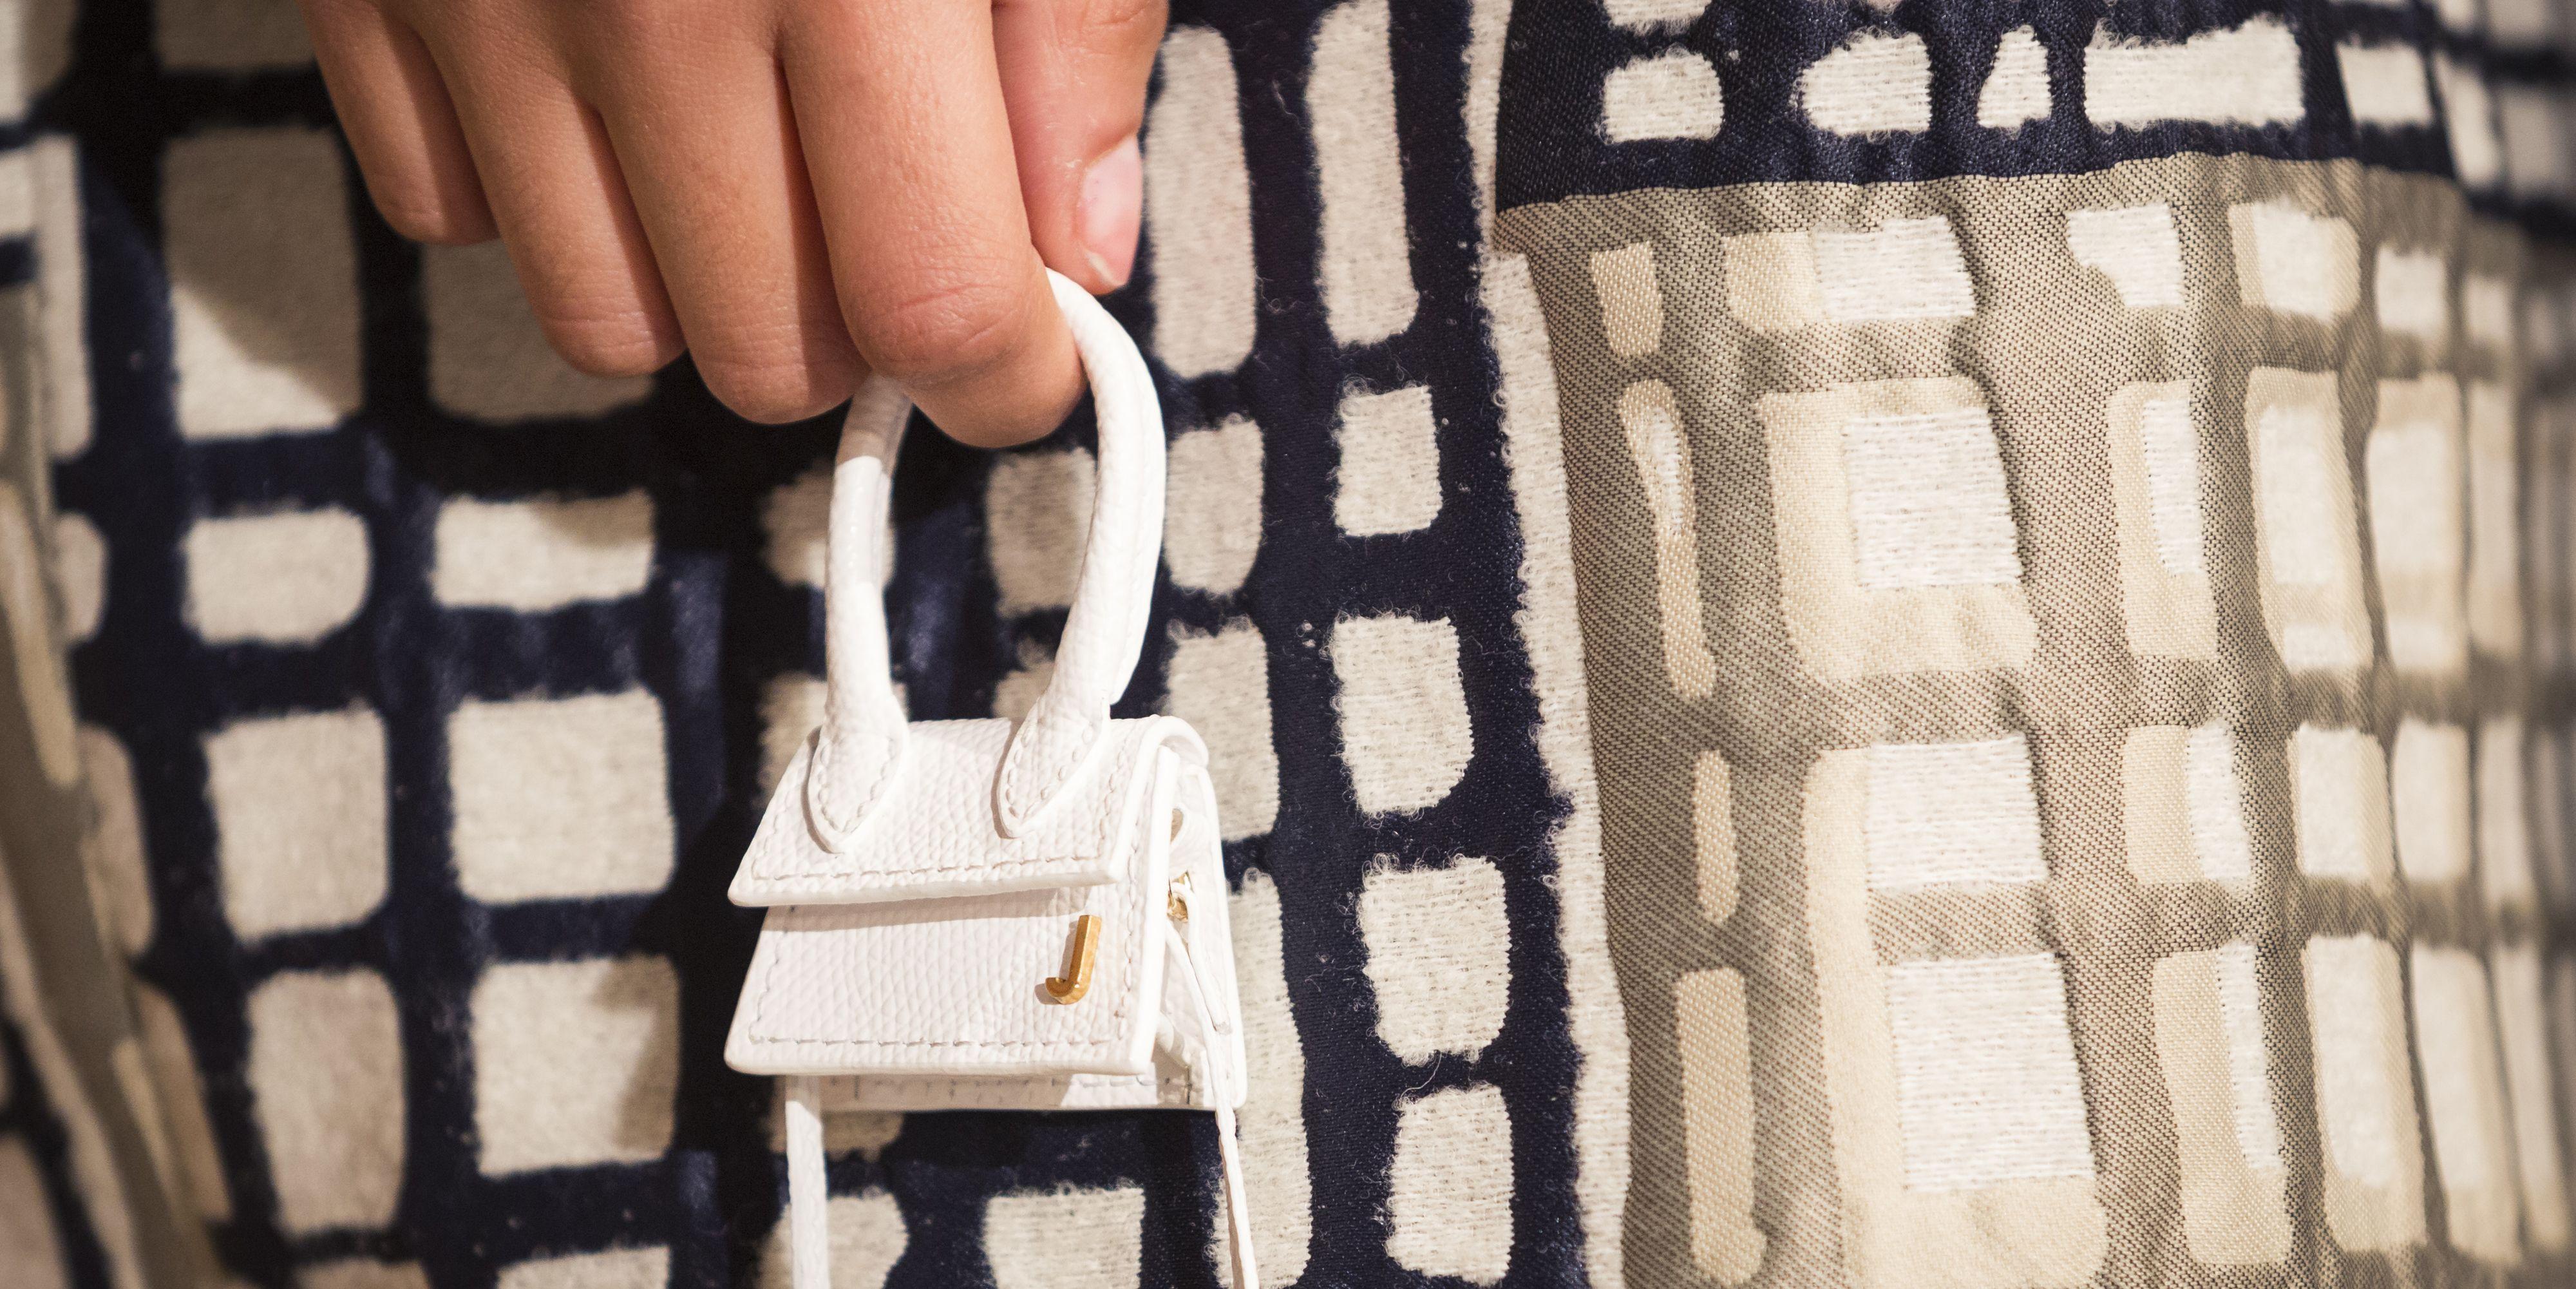 Jacquemus Debuts Tiny Handbag That Can Barely Fit Airpods at Paris Fashion  Week